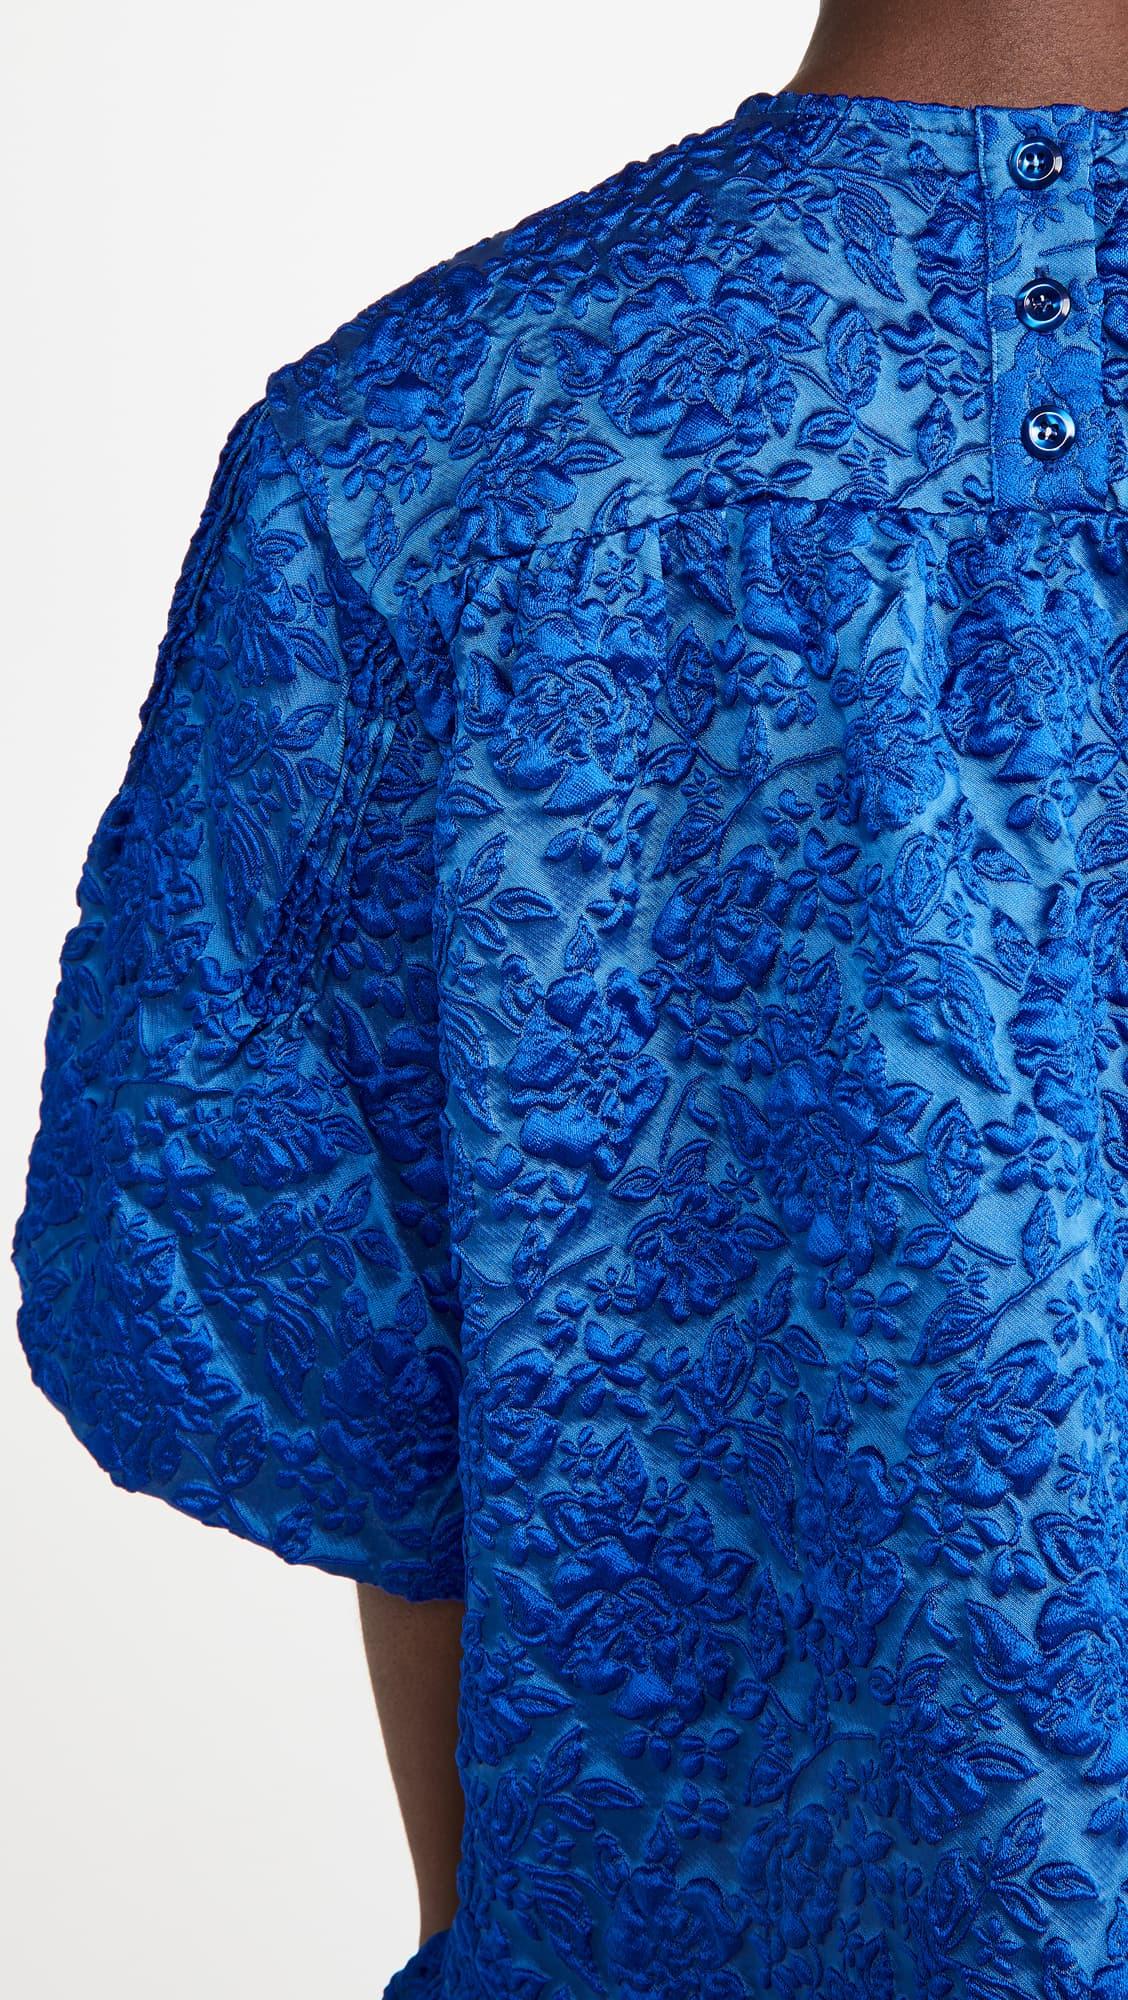 Simone Rocha blue dress detail